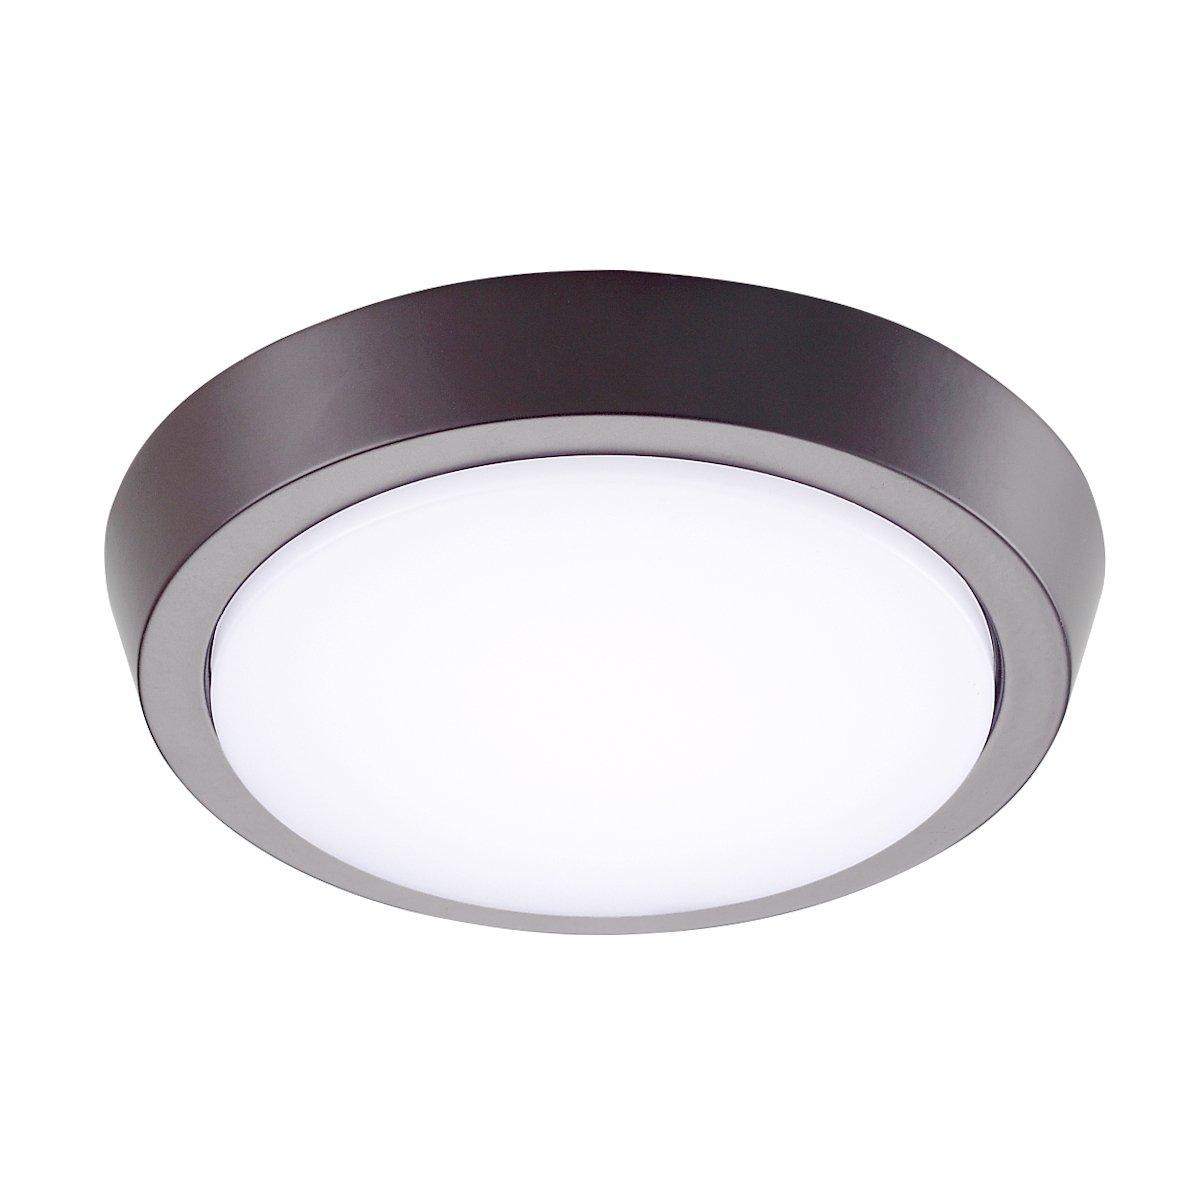 GetInLight 7 Inch Flush Mount LED Ceiling Light with ETL Listed, Soft White 3000K, Bronze Finish, IN-0302-2-BZ